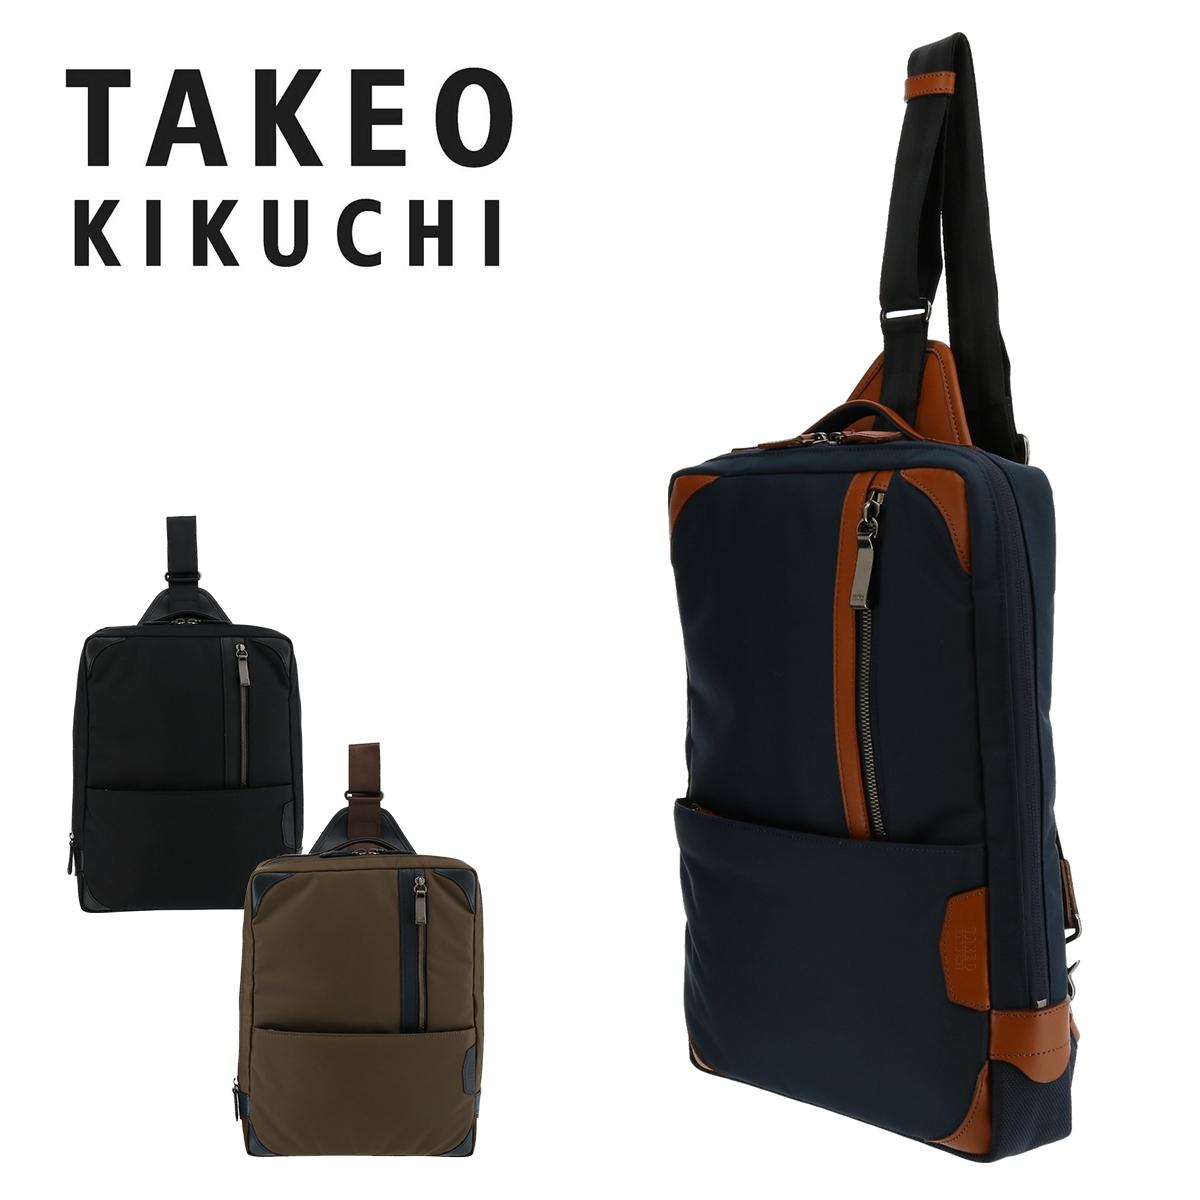 ボディバッグ タケオキクチ ロイズ メンズ 711931 日本製 TAKEO KIKUCHI | ビジネスバッグ ワンショルダー A4 キクチタケオ [PO5][bef]